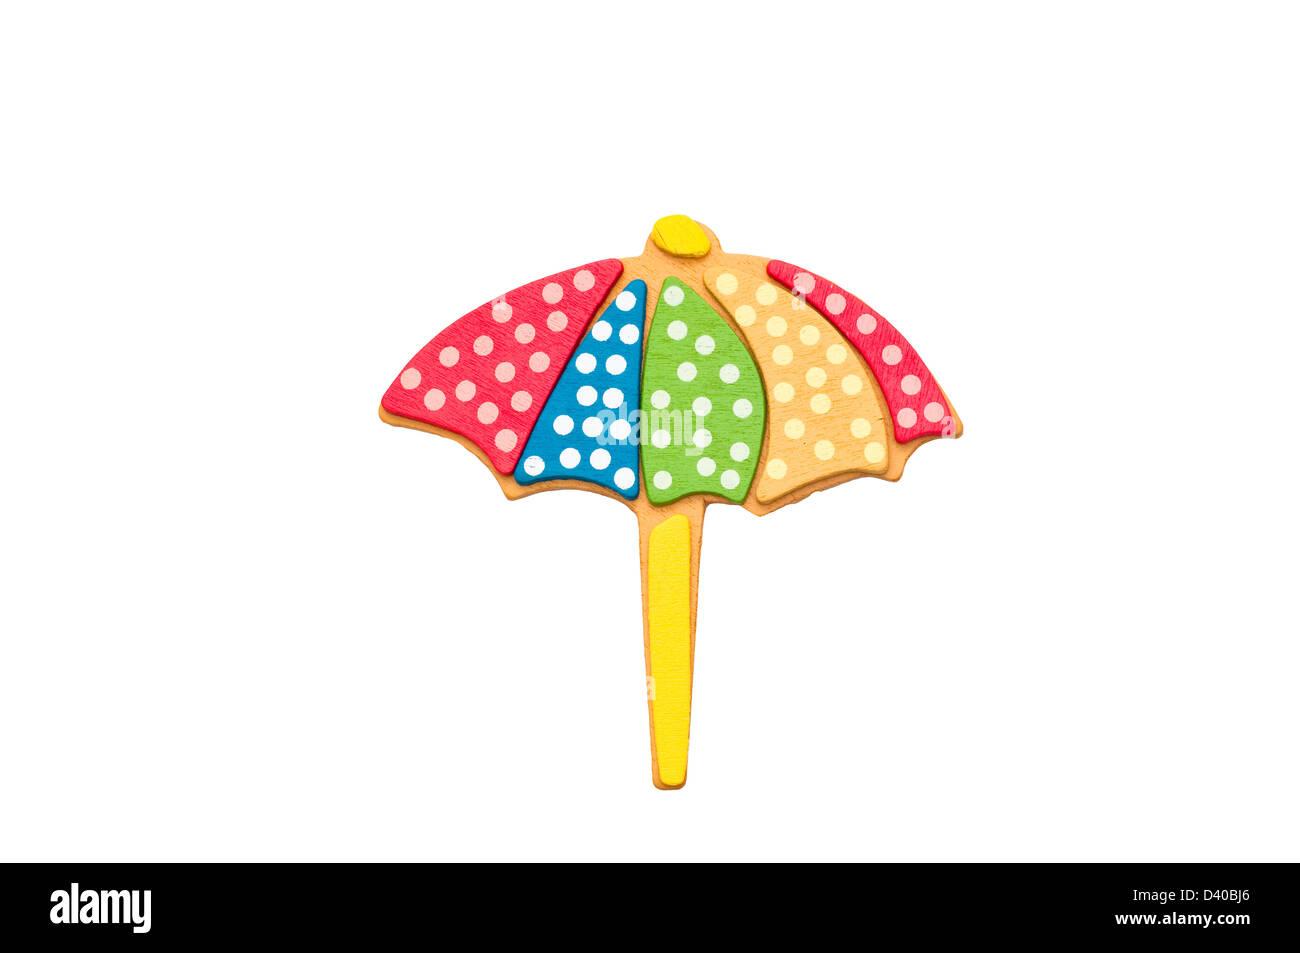 Parapluie de plage isolé sur fond blanc. Photo Stock